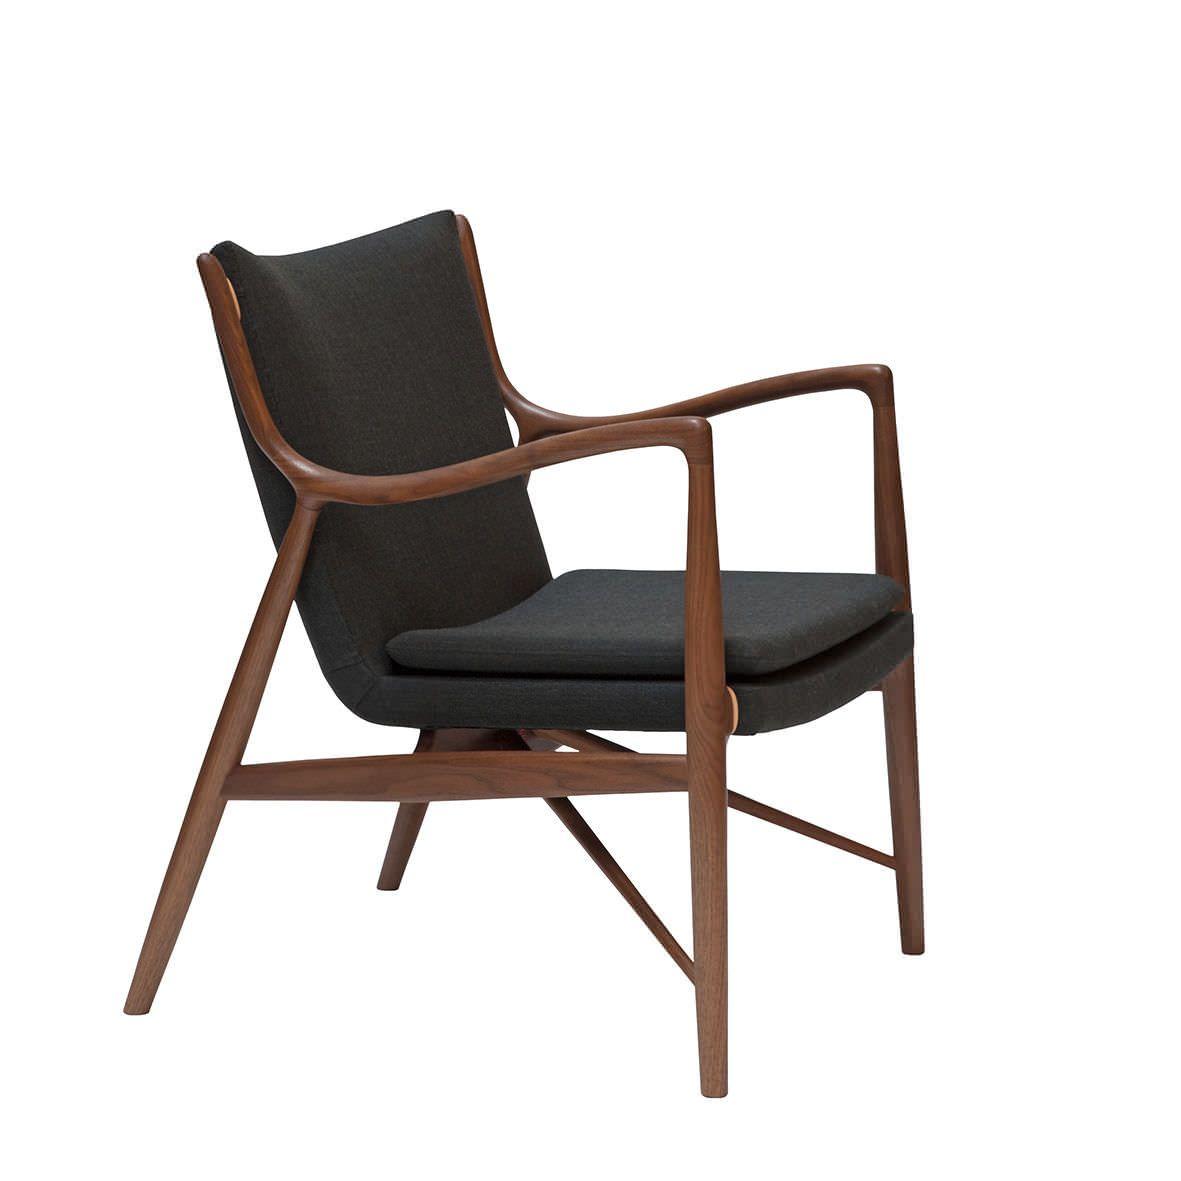 impressionnant fauteuil cuir et bois design